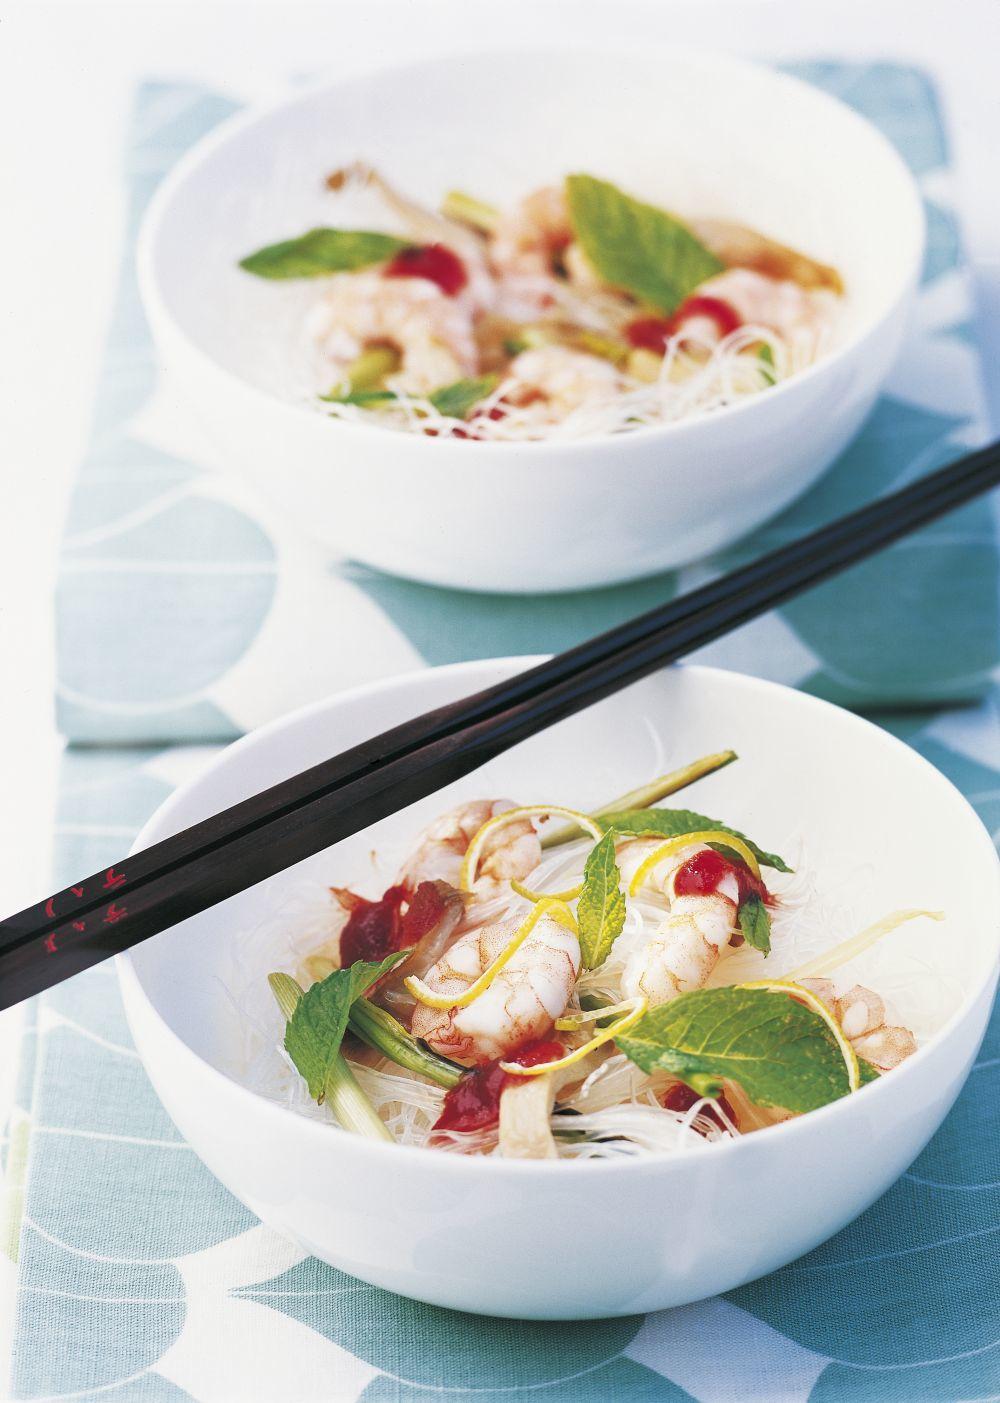 Los pescados y mariscos combinados con verduras nos ayudan a adelgazar y son ricos en proteínas de efecto saciante.